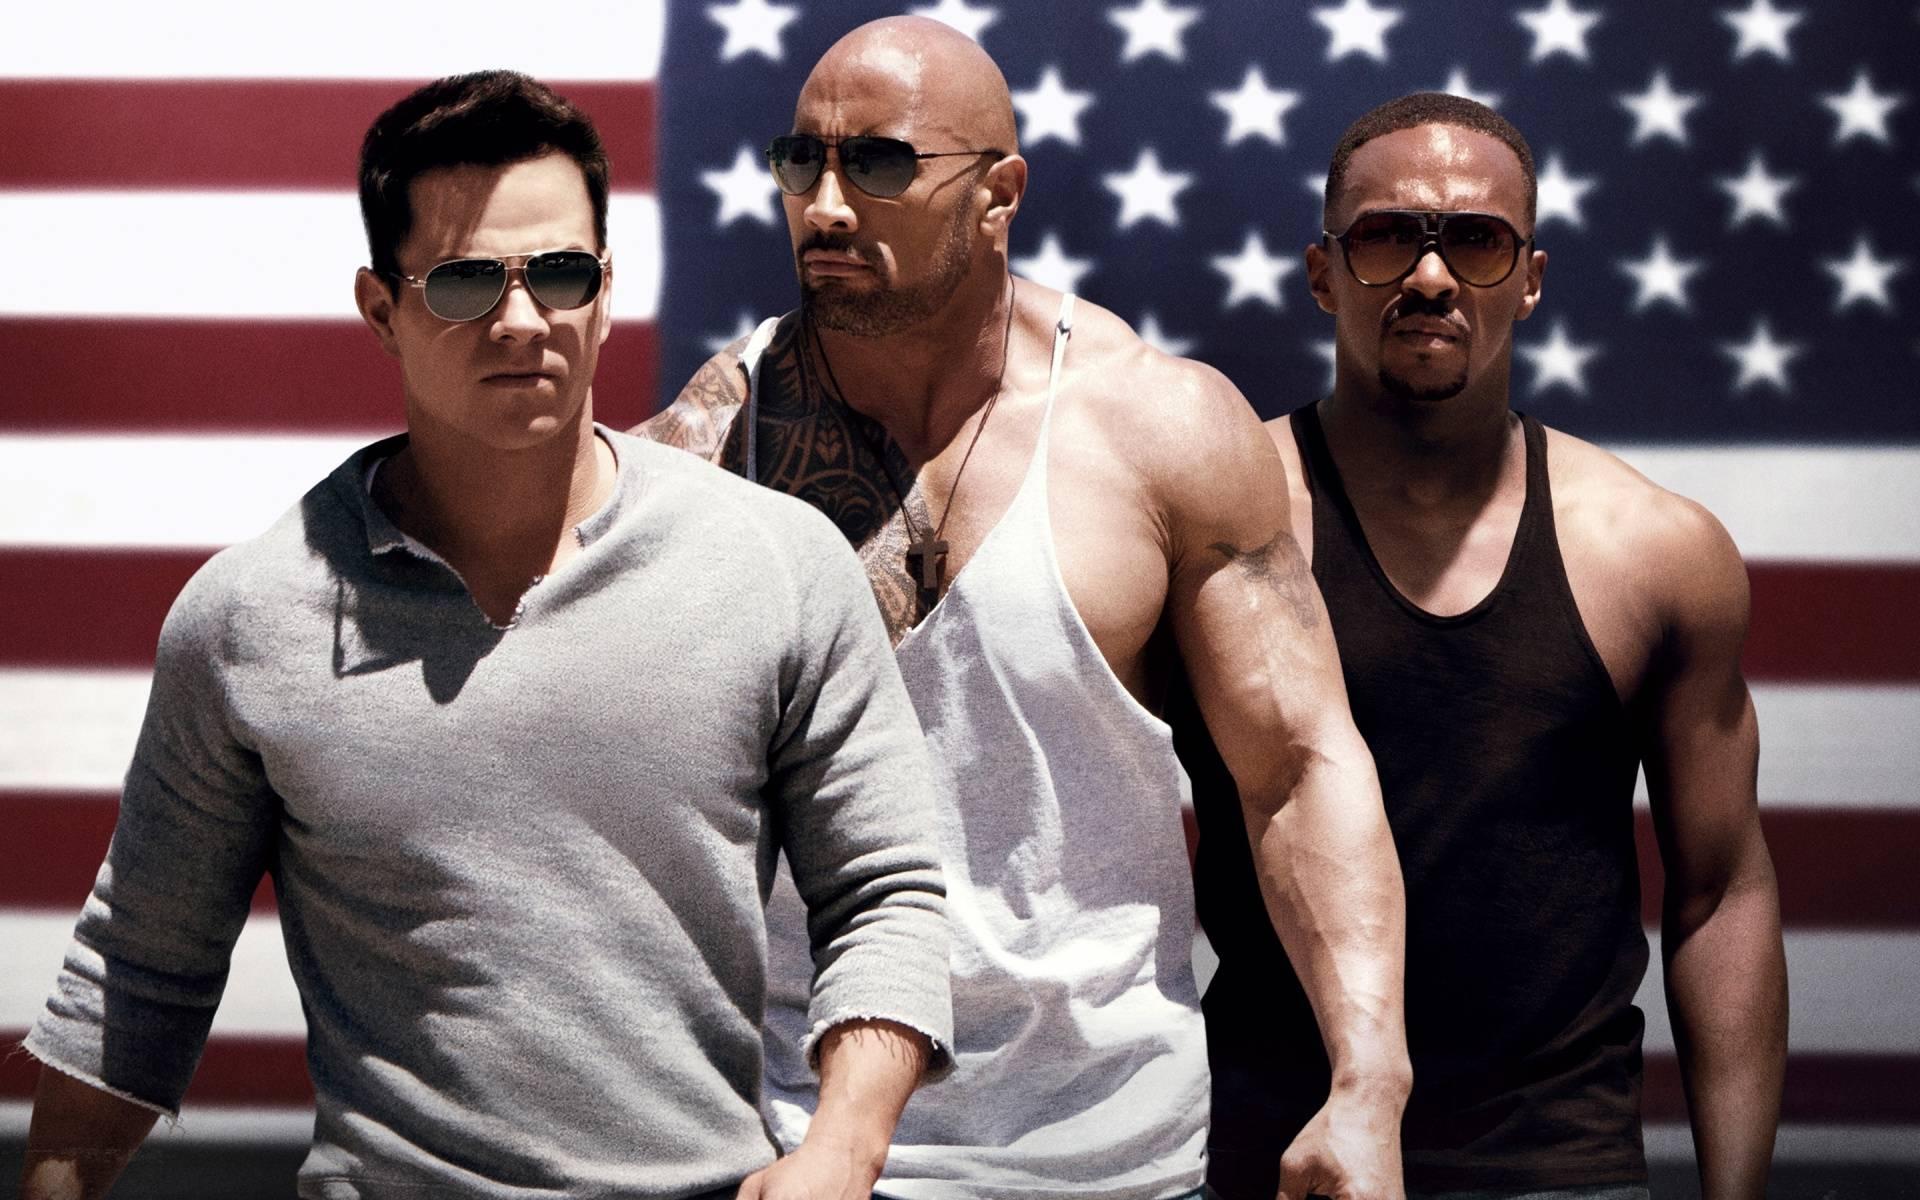 Sun Gym Gang - Mark Wahlberg, Dwayne Johnson, Anthony Mackie - Pain & Gain (2013)